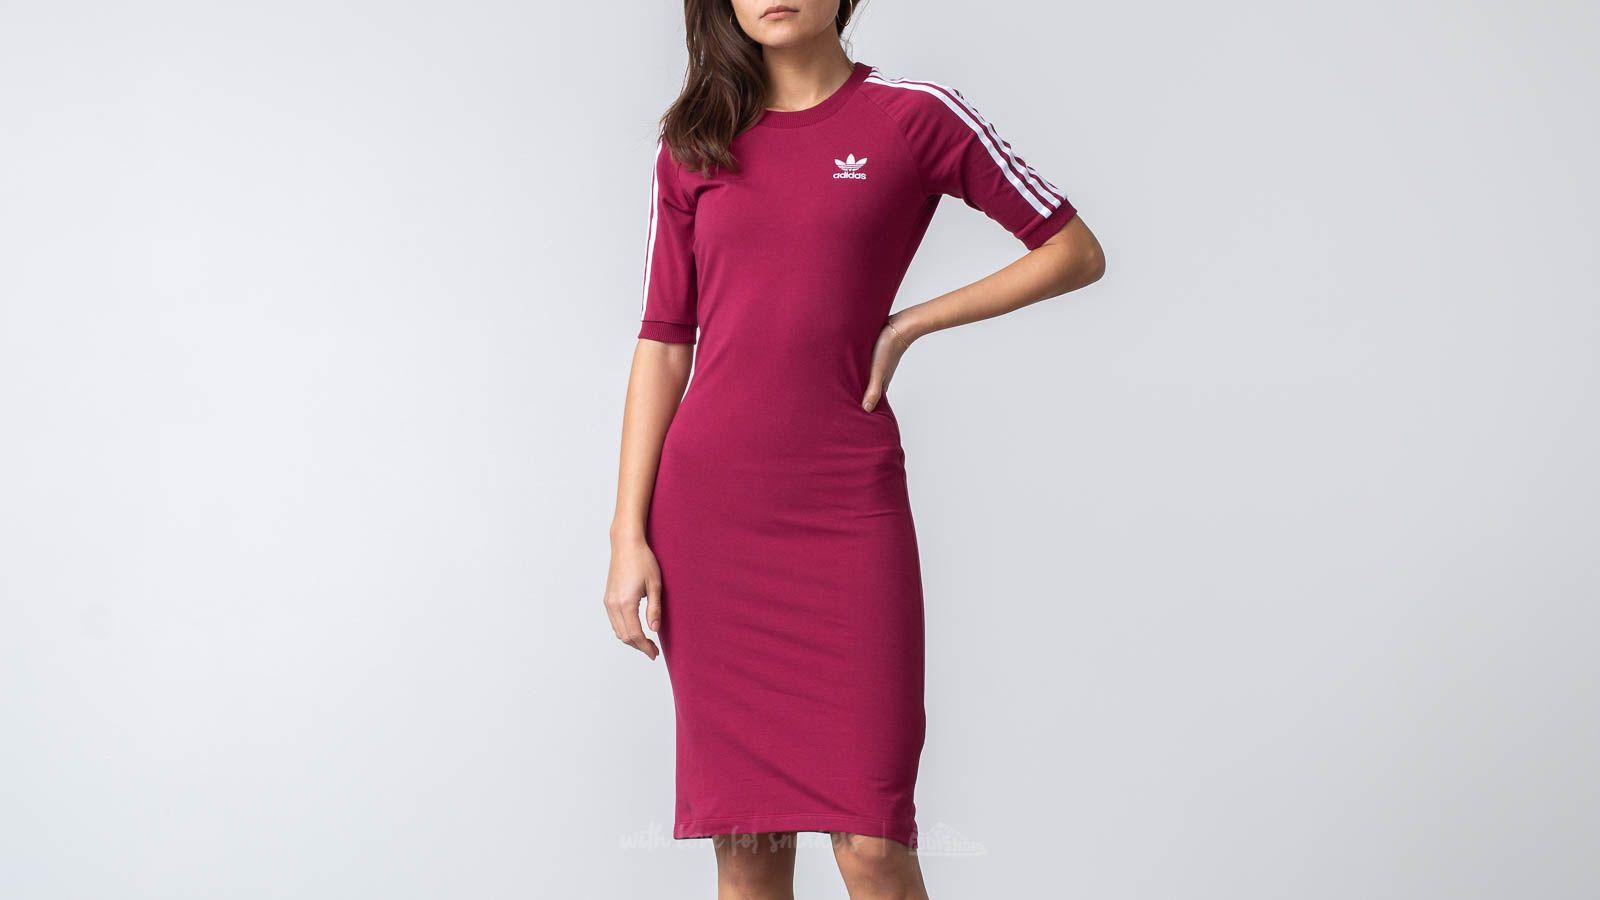 b5055157f5 adidas 3 Stripes Dress Mystery Ruby